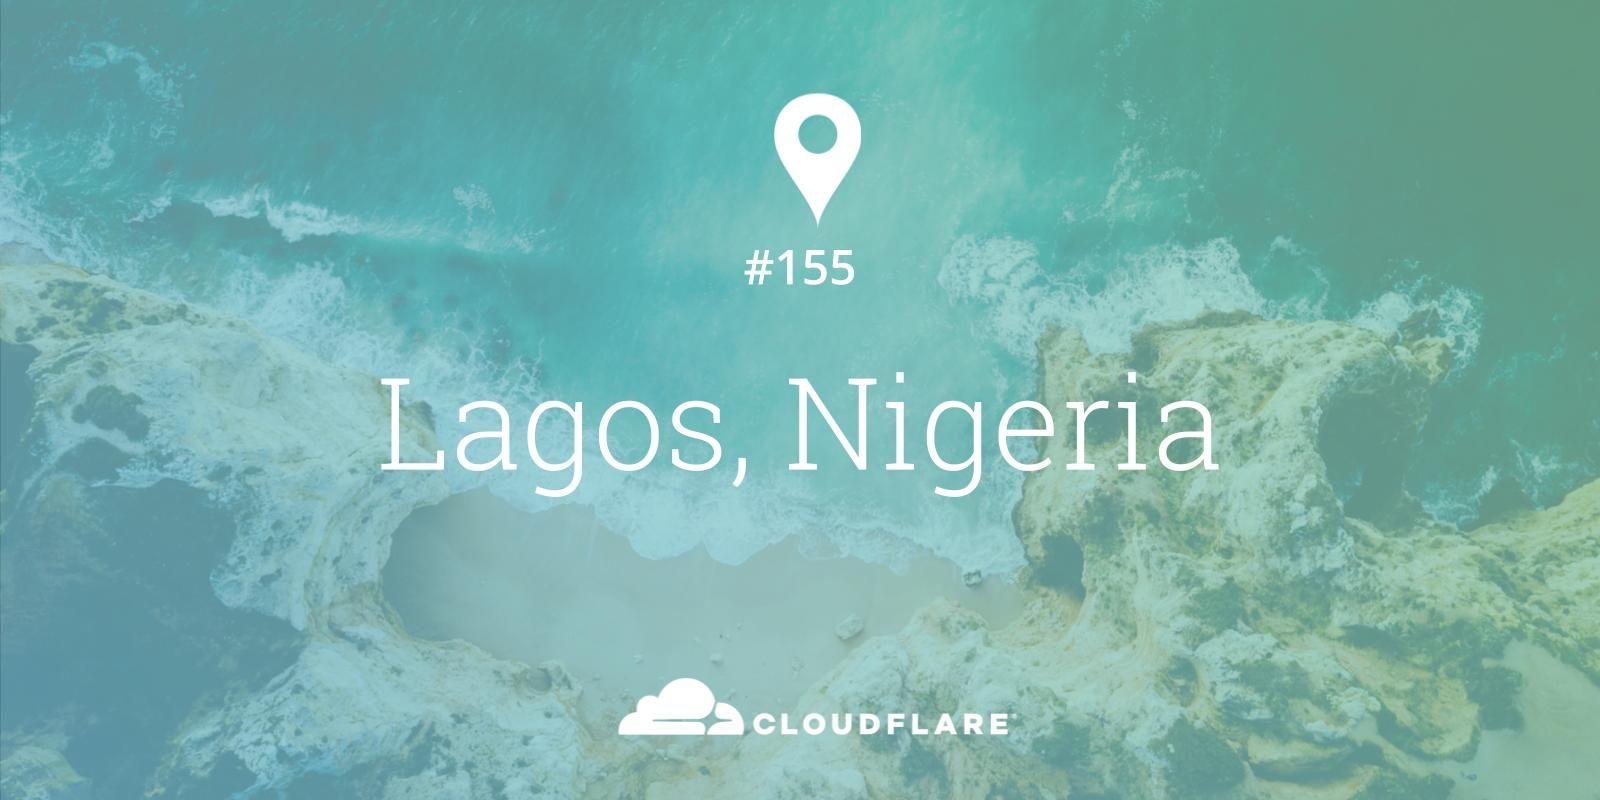 Lagos, Nigeria - Cloudflare's 155th city